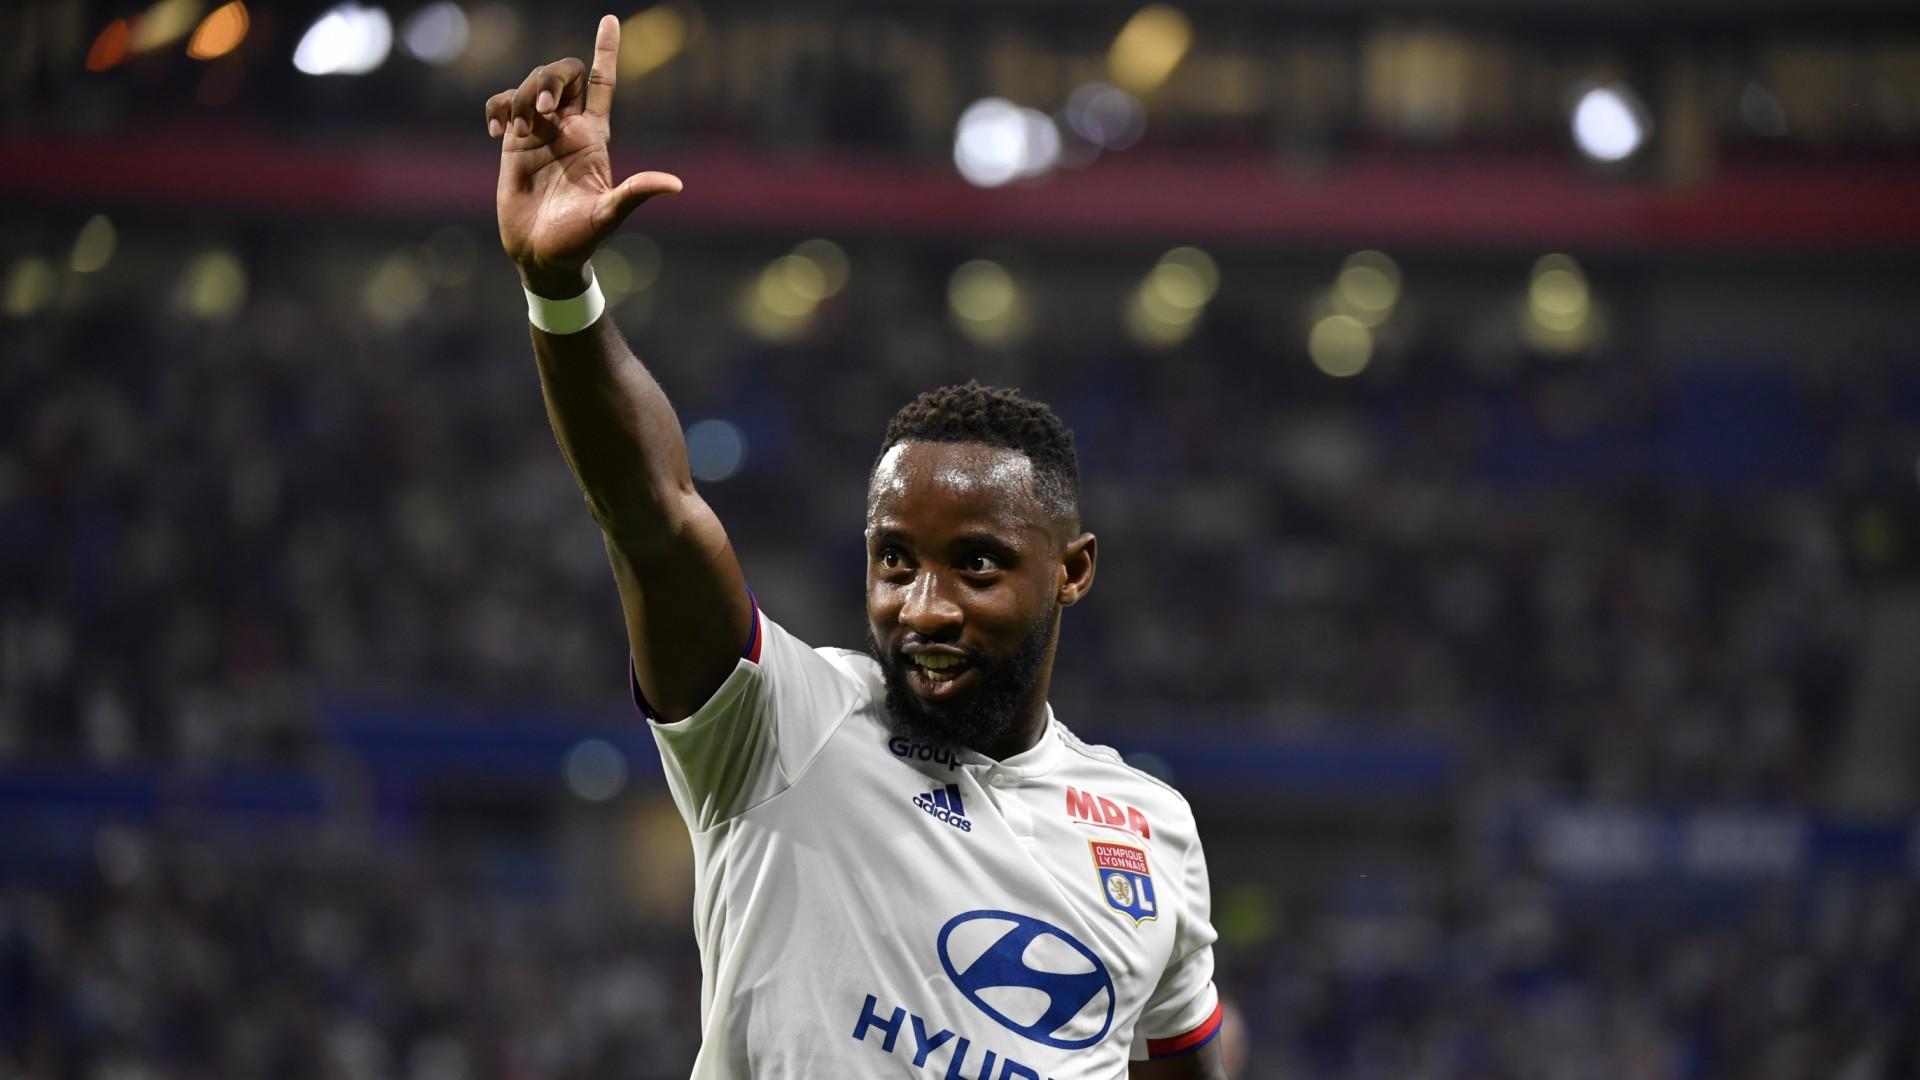 Mercato, Lyon : Moussa Dembélé serait toujours dans le viseur de Manchester United